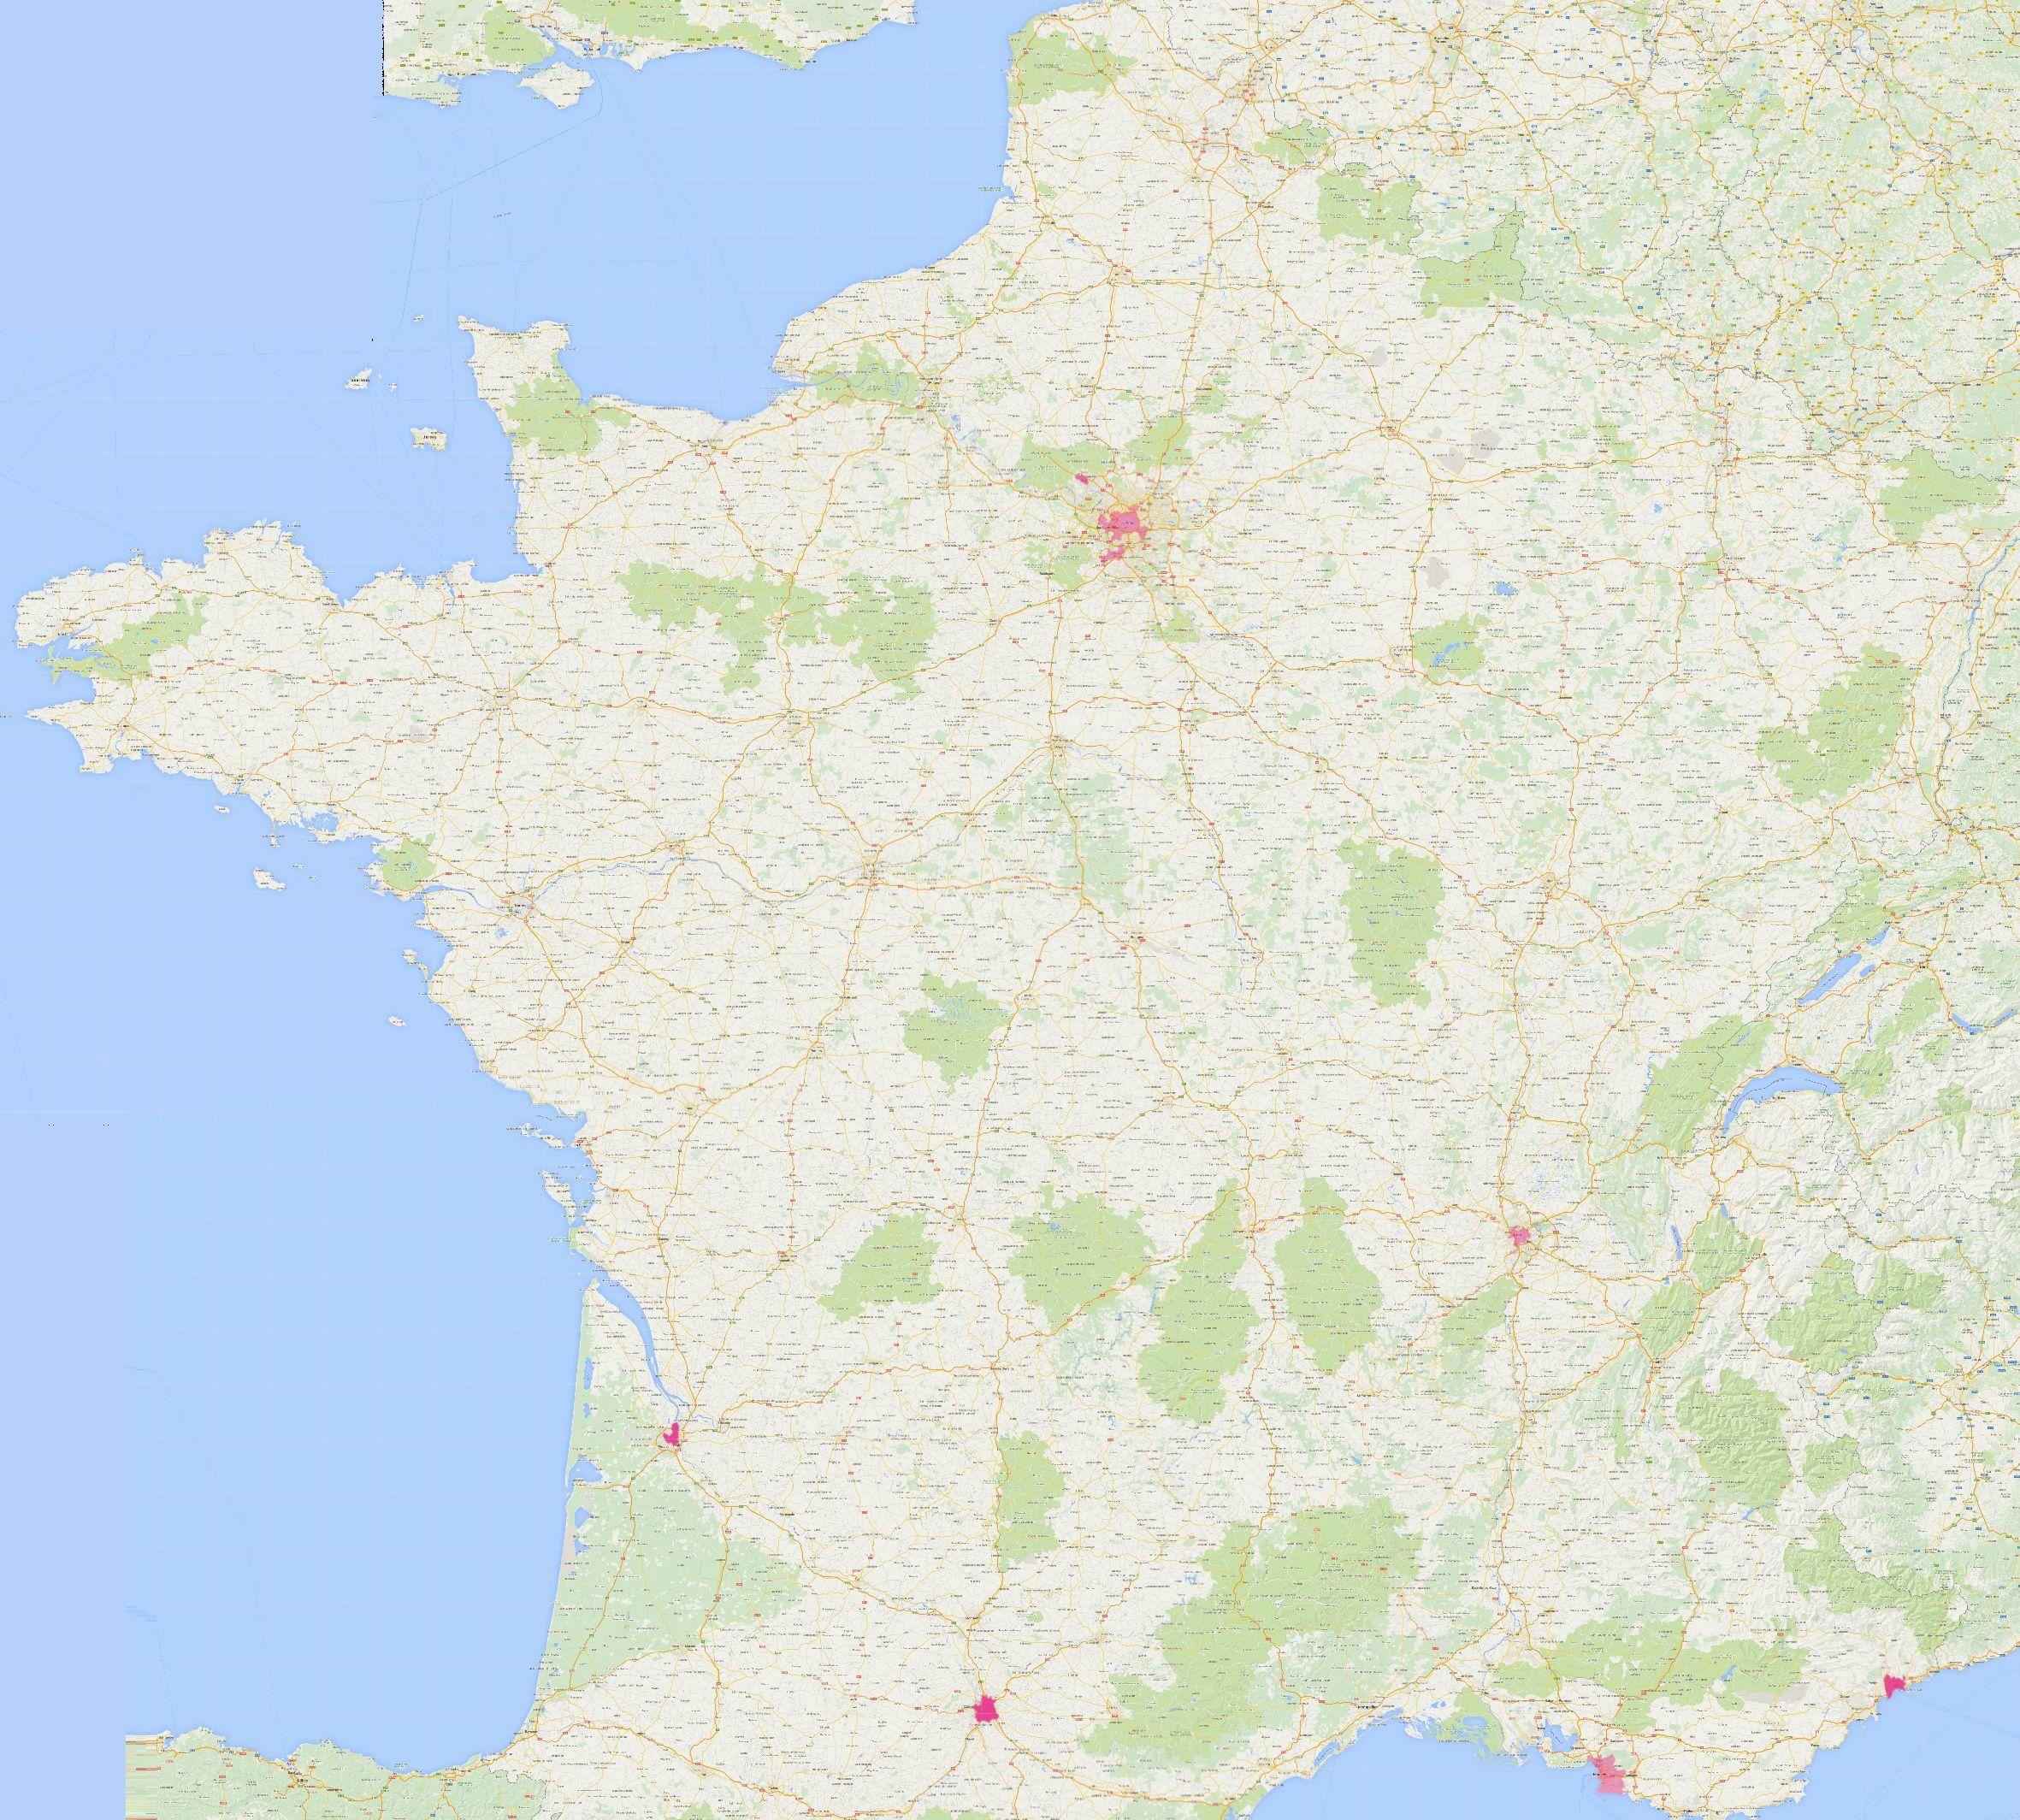 Carte de la couverture FTTH Bouygues